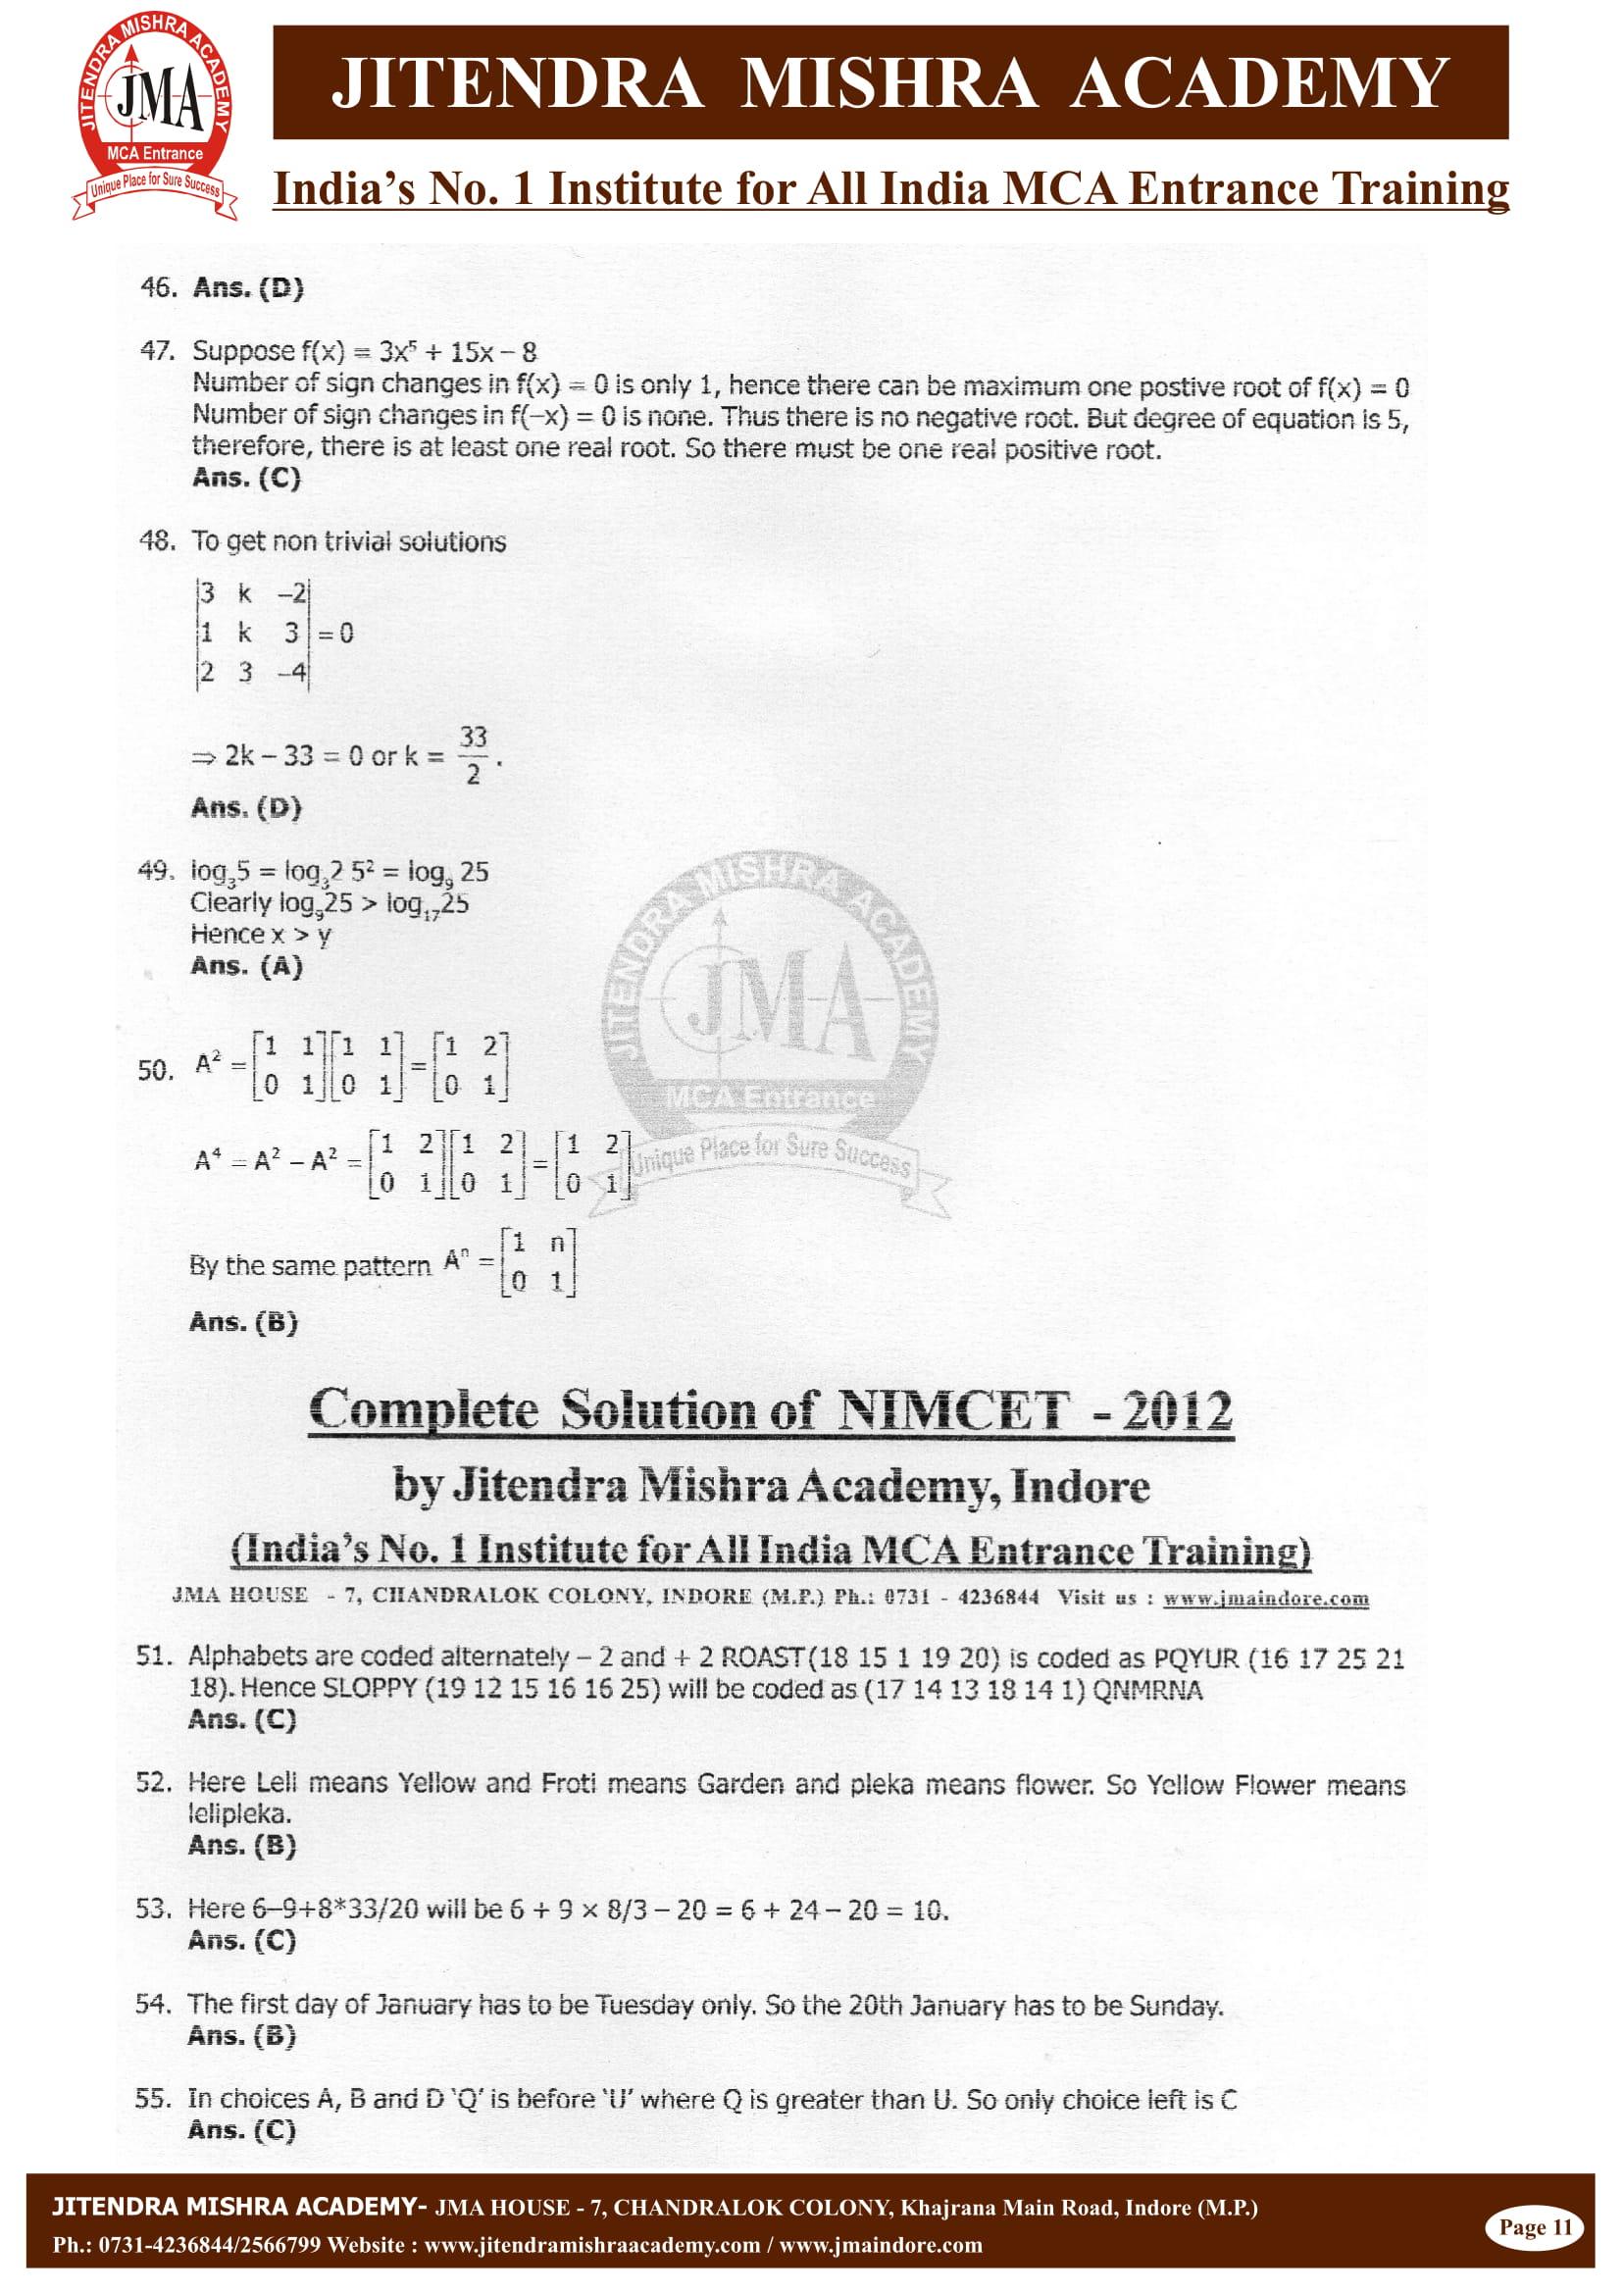 NIMCET - 2012 (SOLUTION)-11